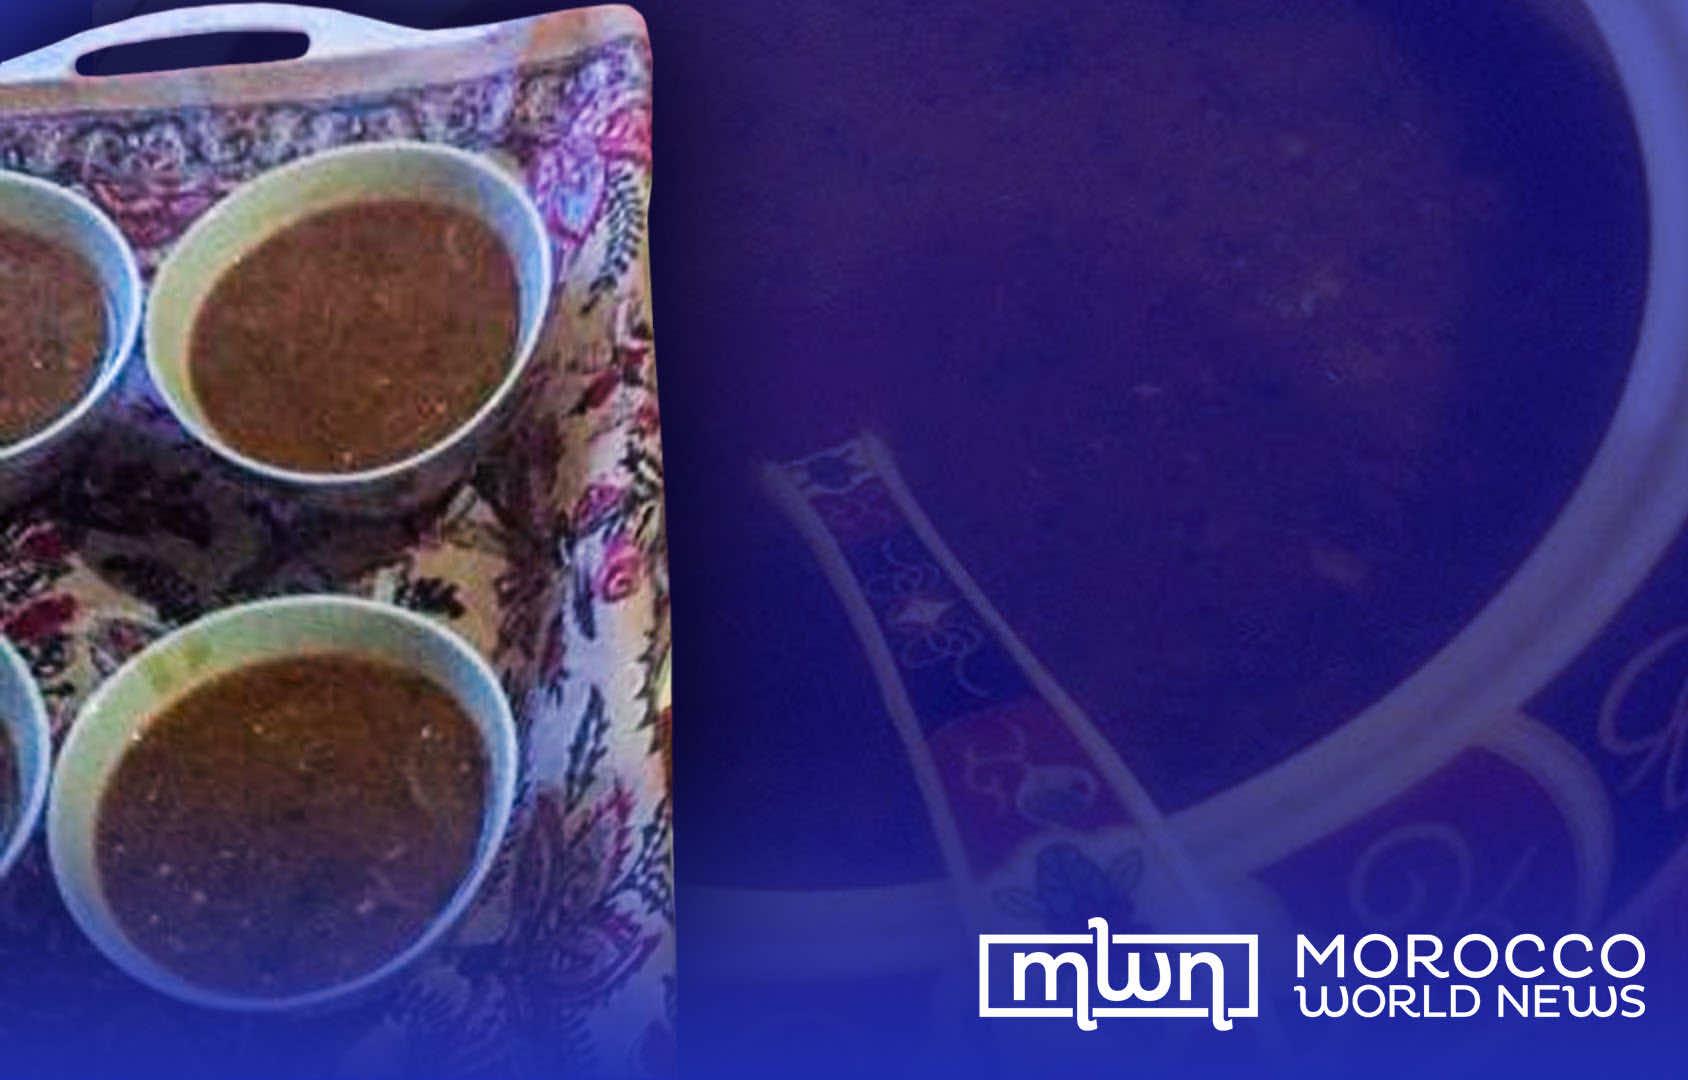 Recipe for Moroccan Harira